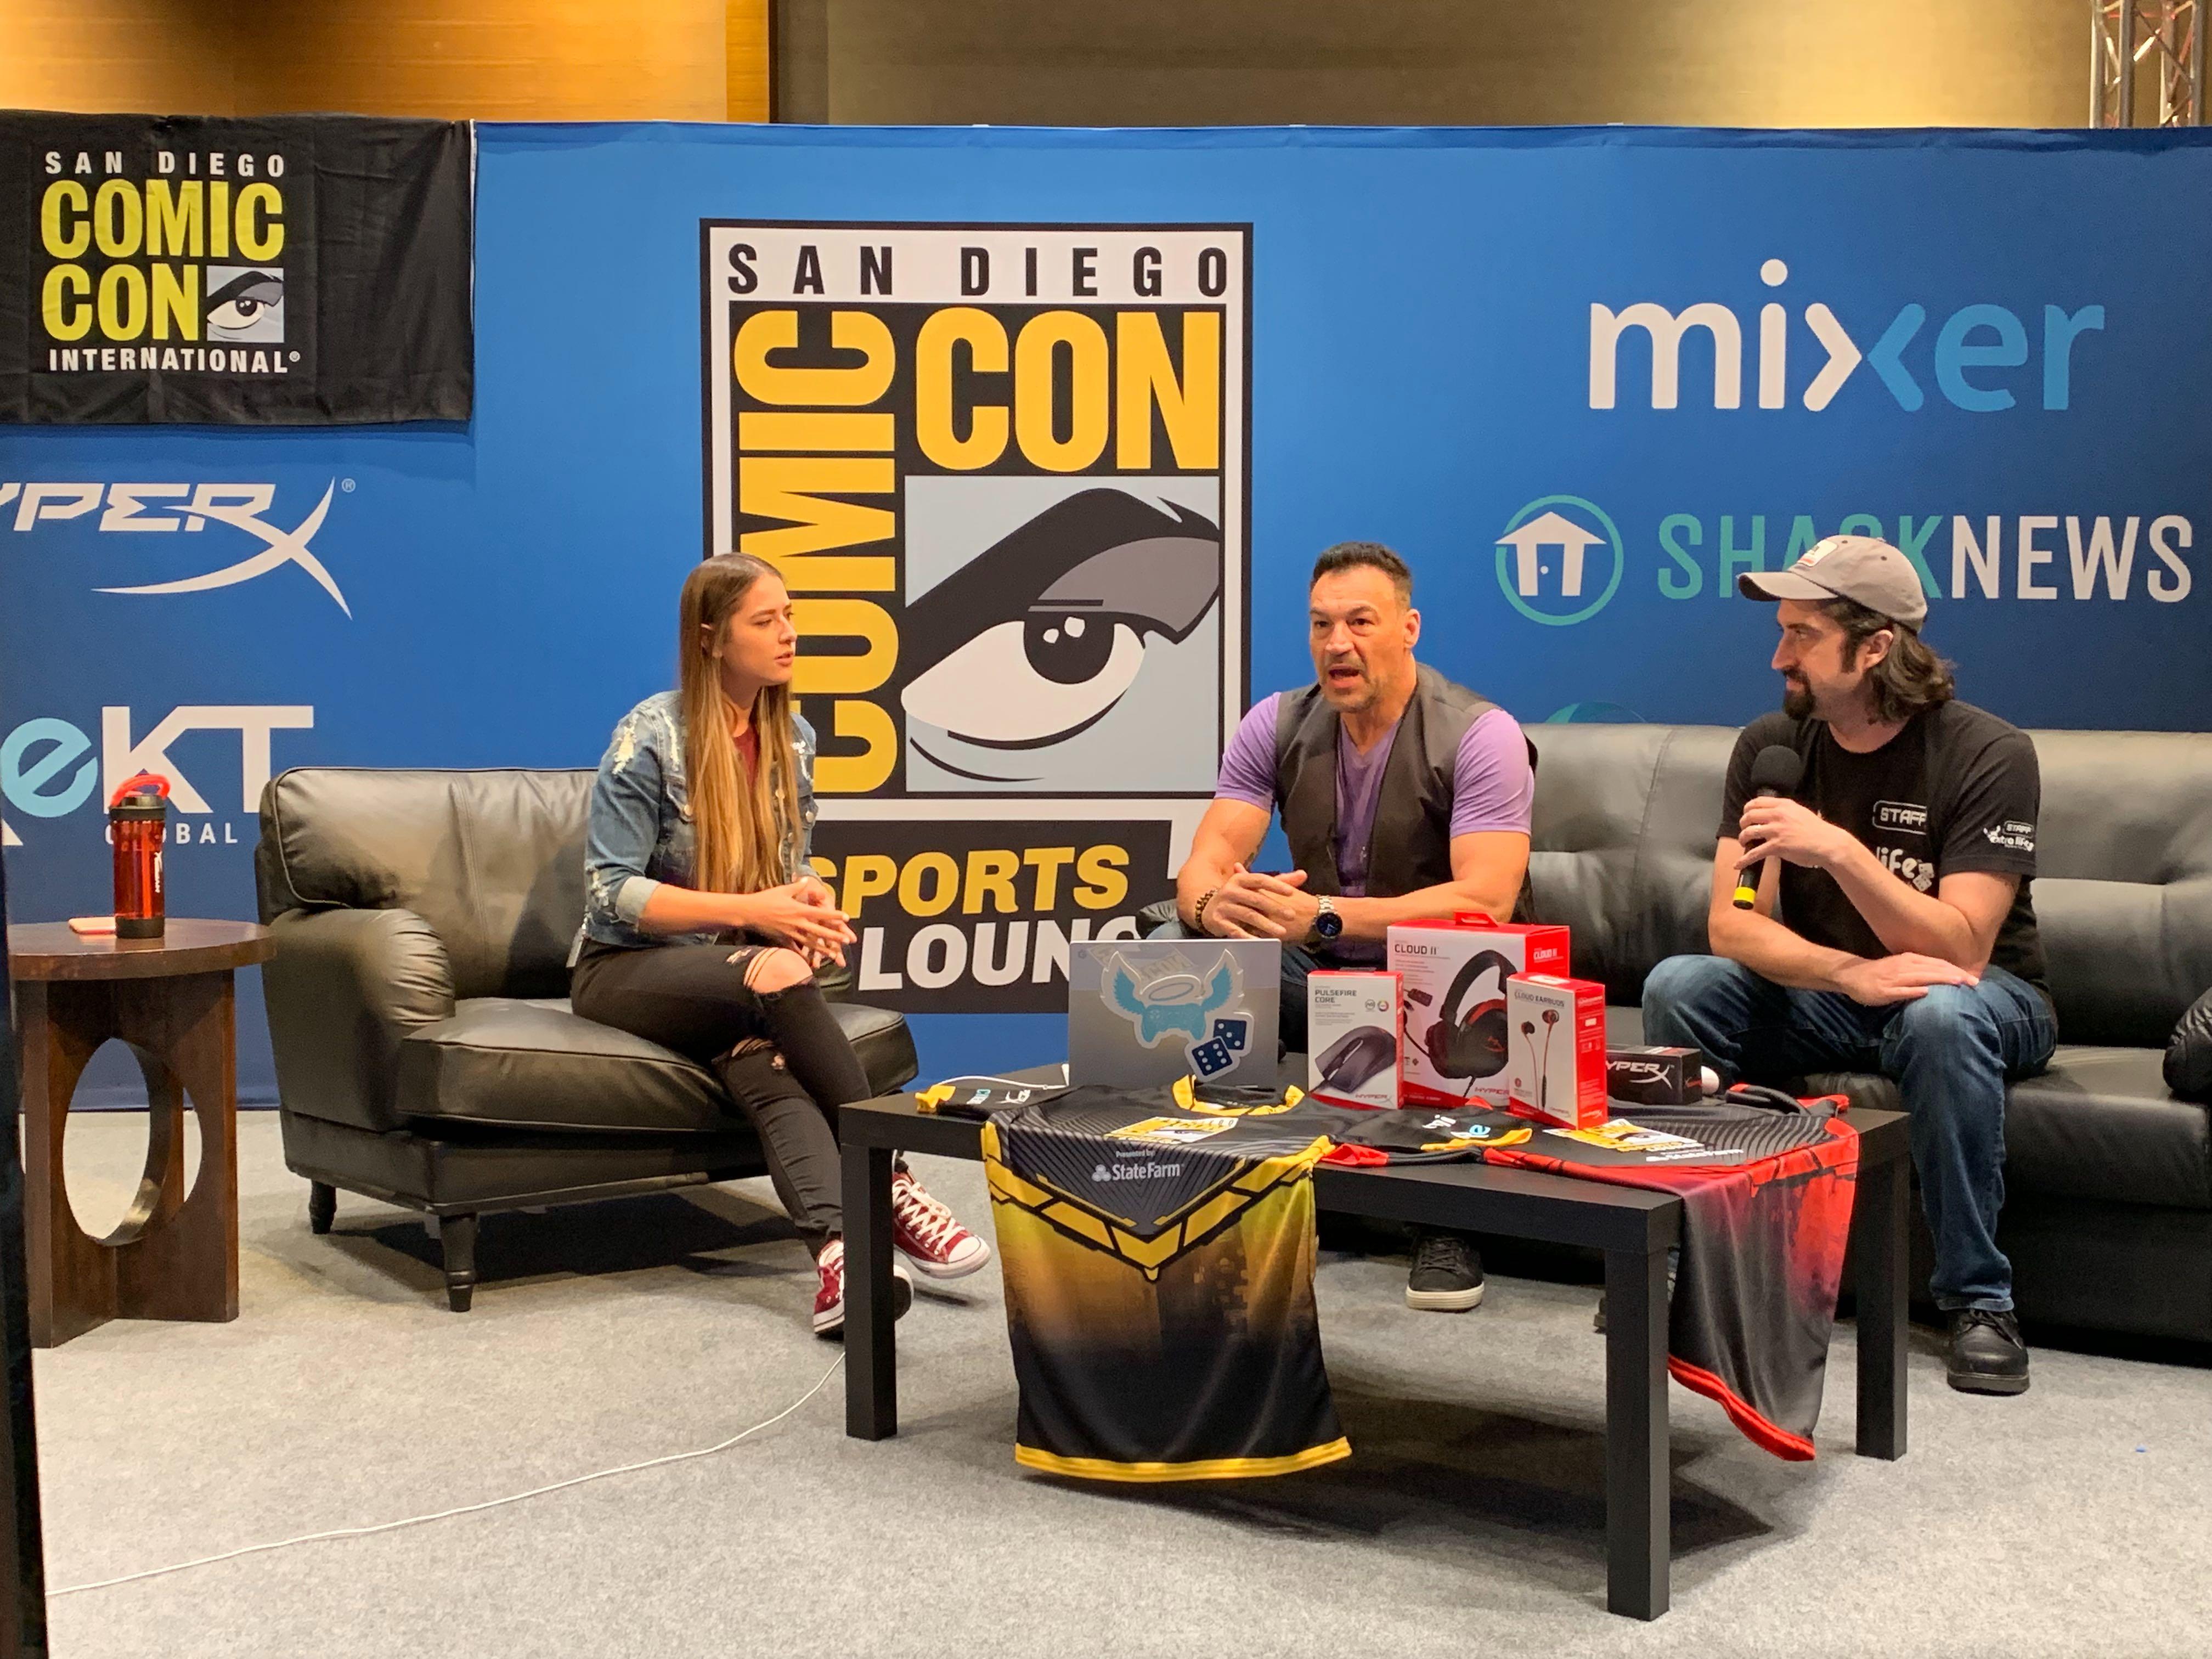 Le livestream du SDCC19 Esports Lounge a rejoint près de 750 000 téléspectateurs et a permis d'amasser 20 000 $ au profit d'organismes de bienfaisance.